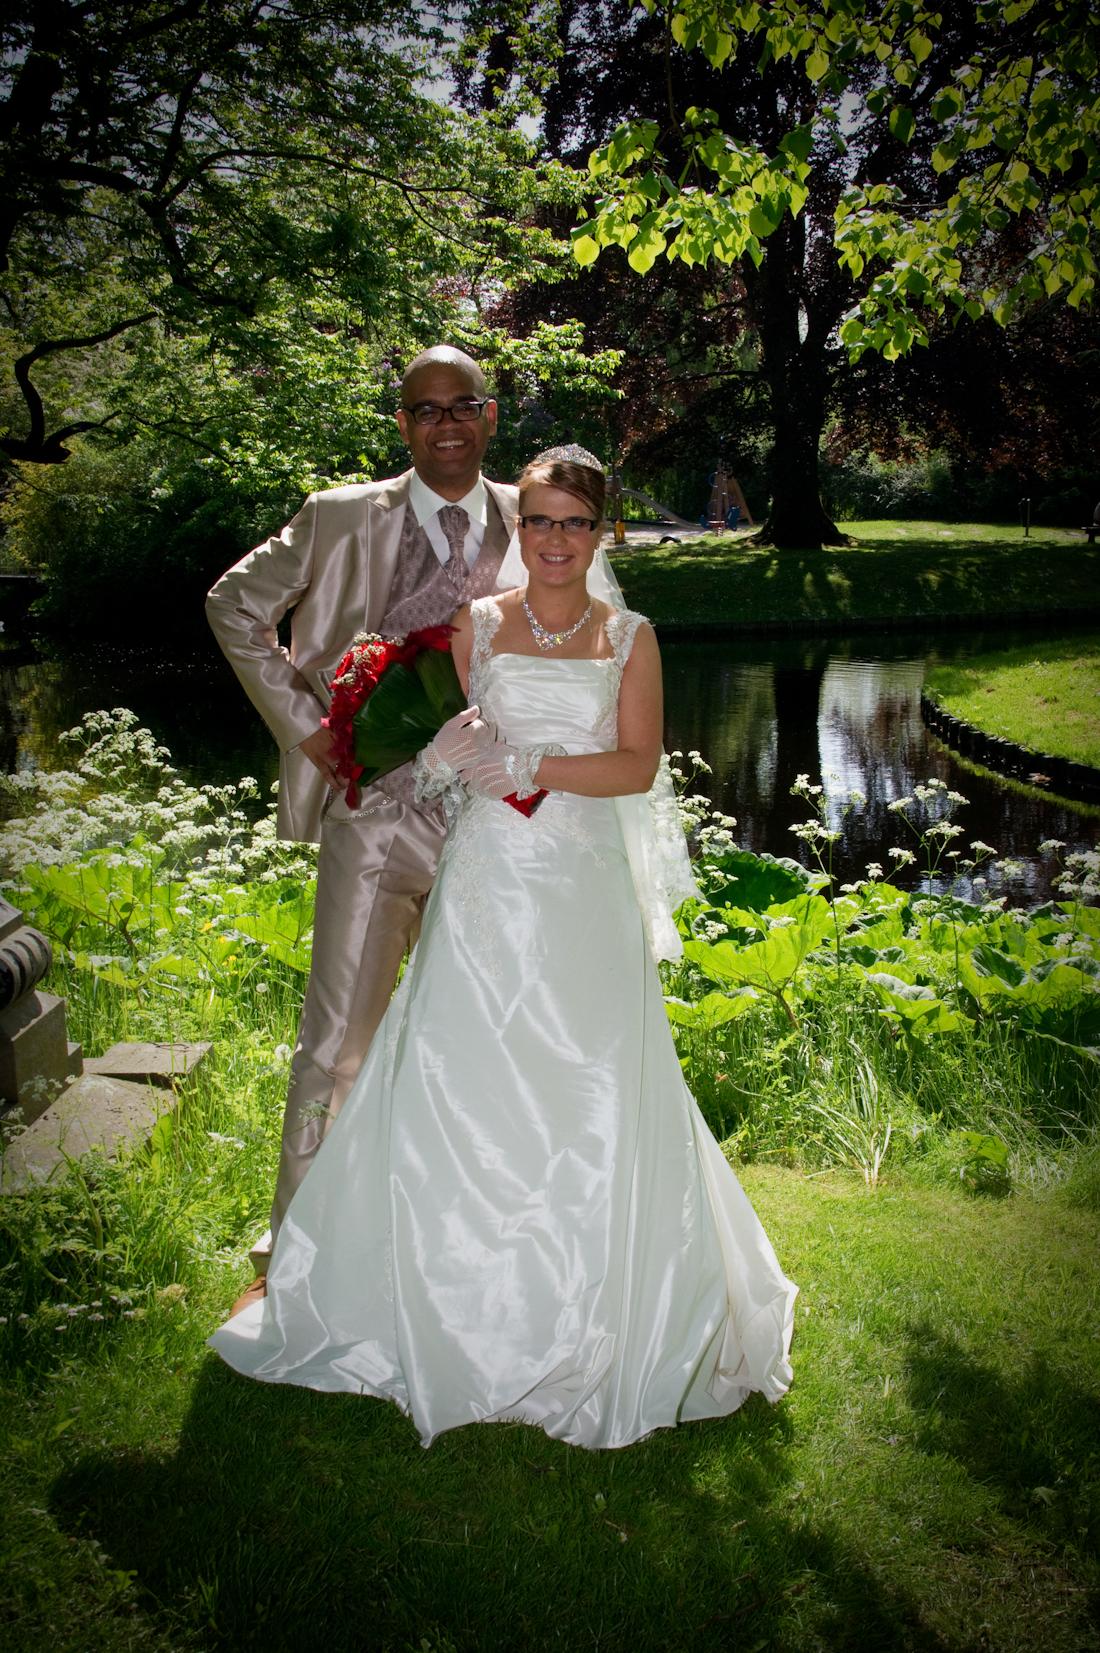 trouwfoto's van zichri en sietske, bruidsreportage door Alex Wakanno, portfolio voor wakenco en Wak&co